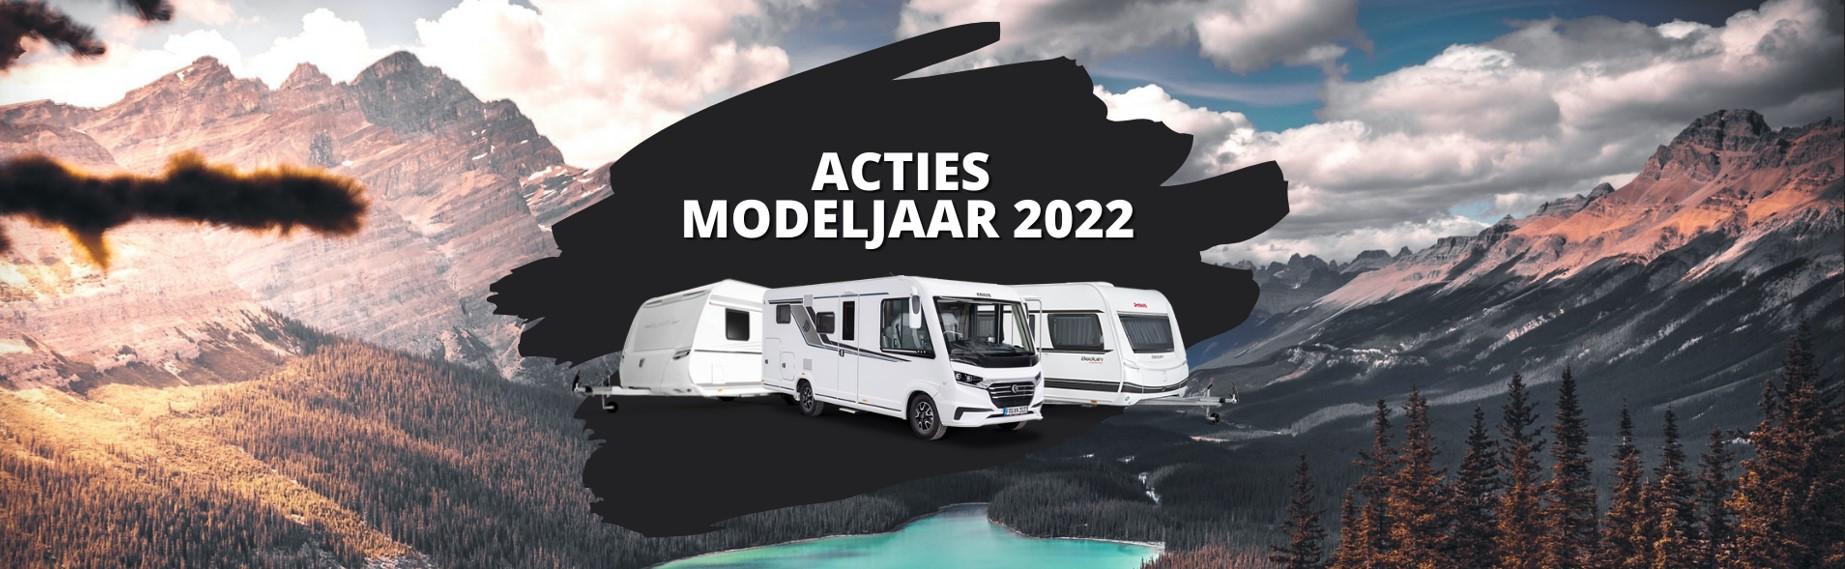 acties modeljaar 2021 zonder info